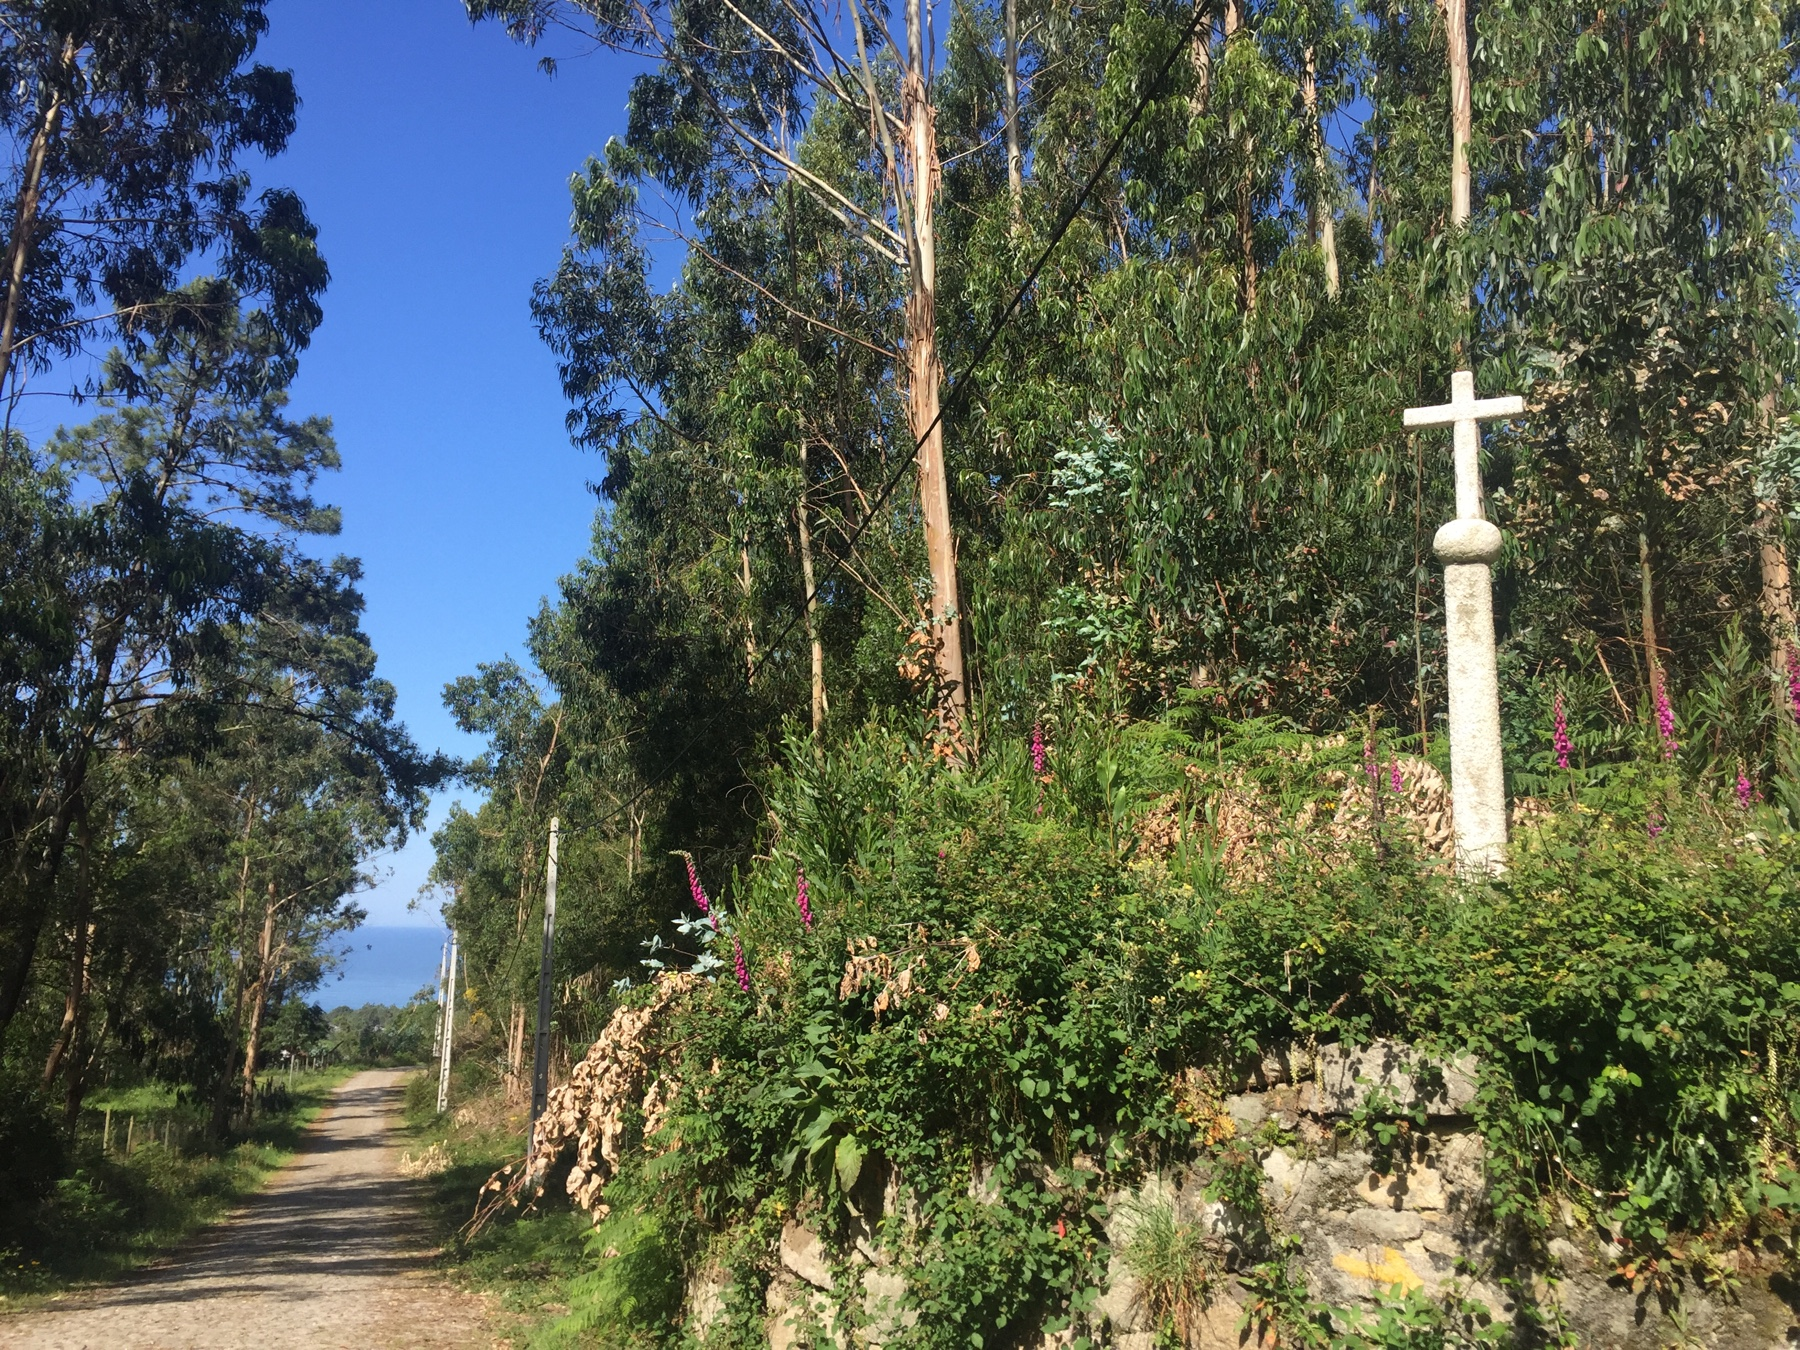 Traumkulisse auf dem portugiesischen Jakobsweg Caminho Portugues